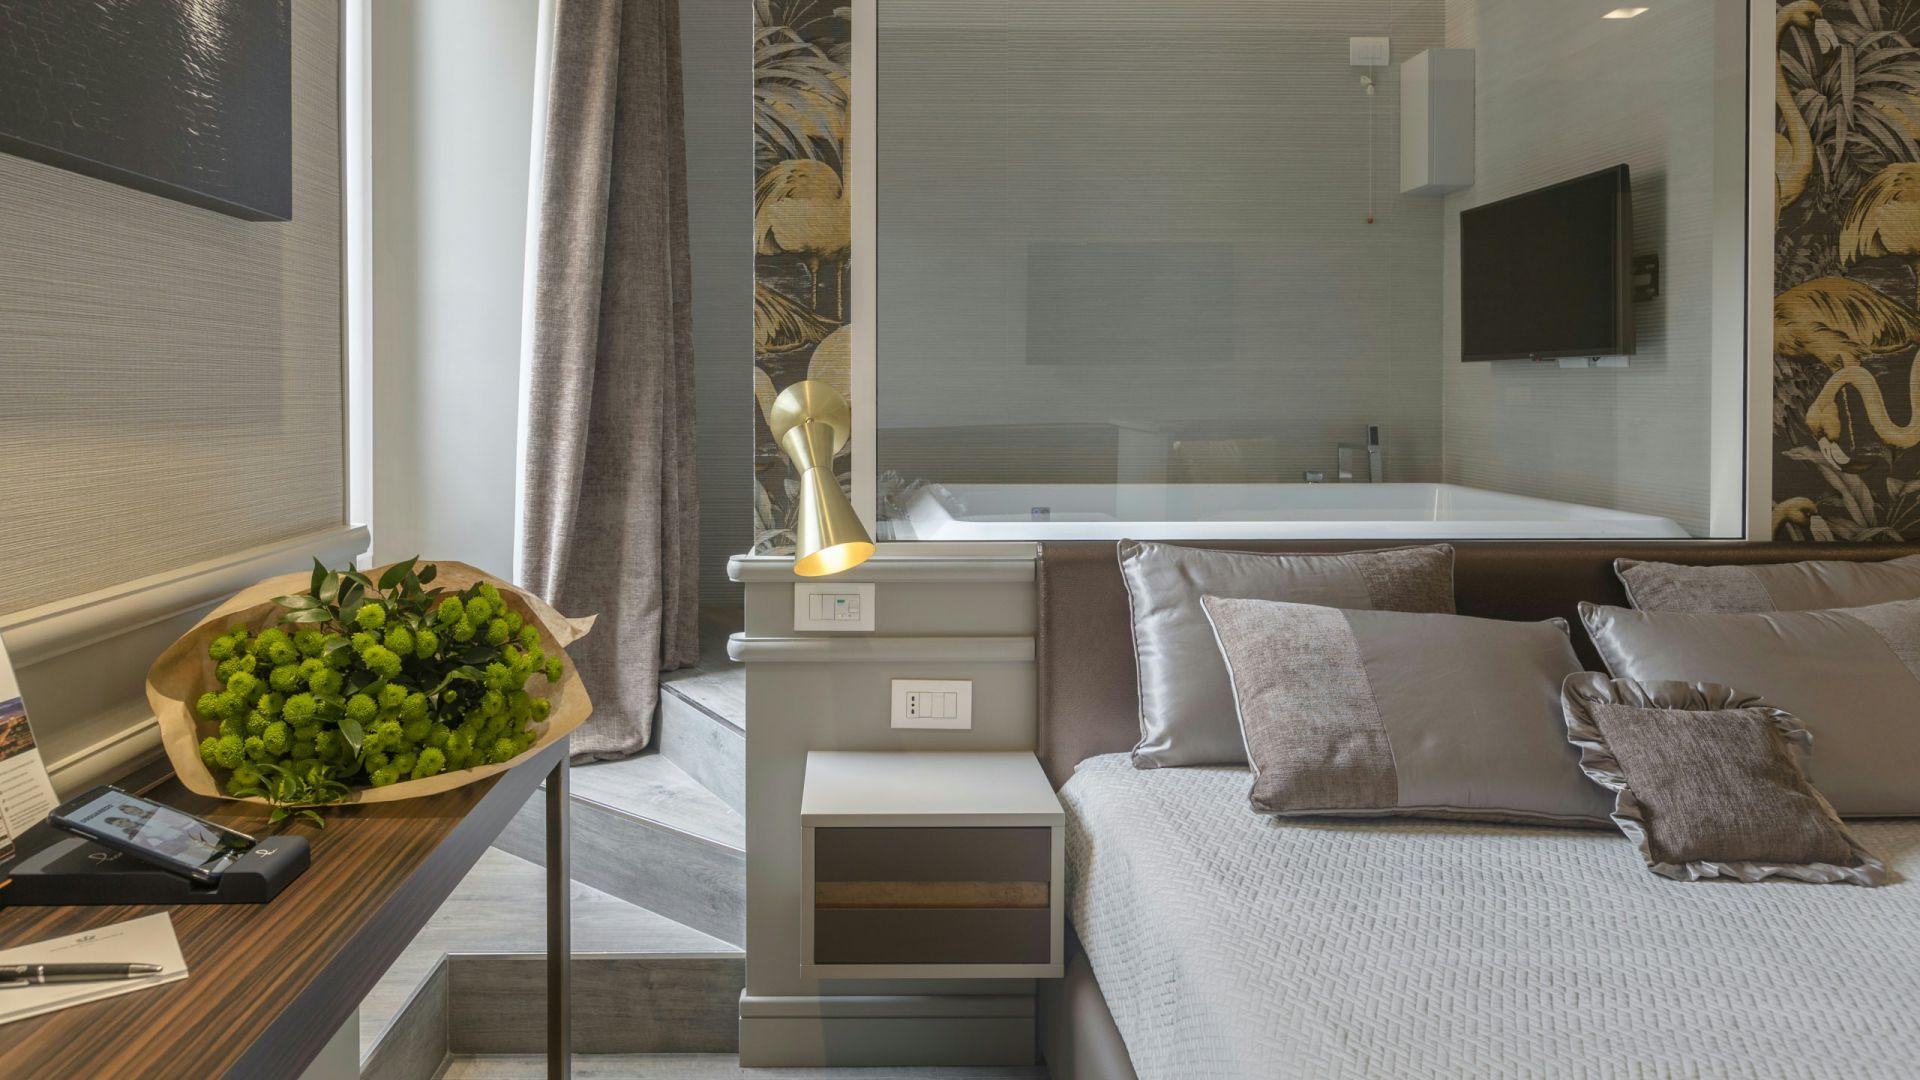 San-Carlo-Suite-Rom-kingcity-suite-9351